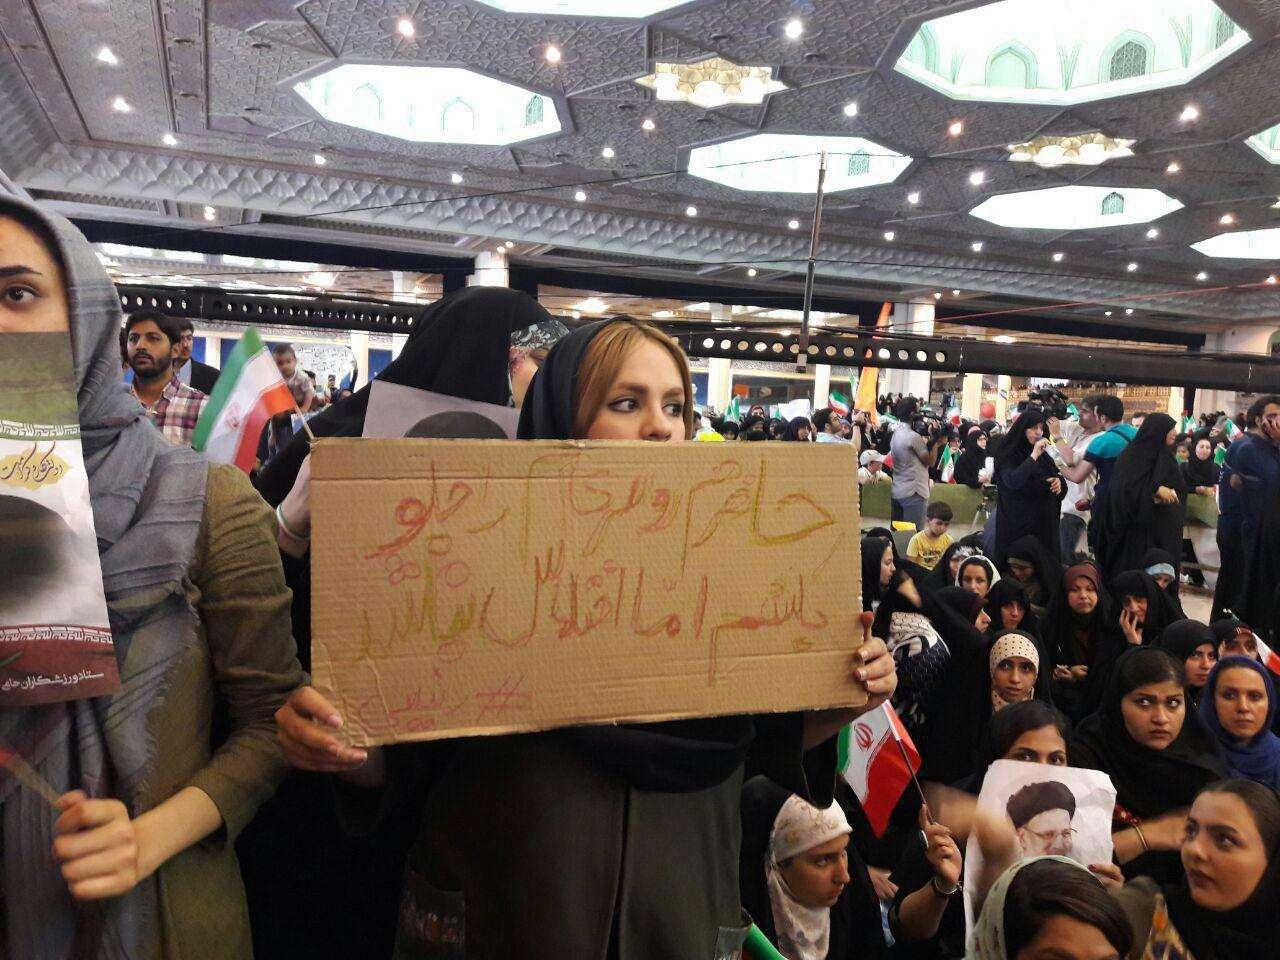 تصادف دیروز اصفهان عکس/ حاضرم روسریام را جلو بکشم اما اختلاس نباشد! | جهان ...